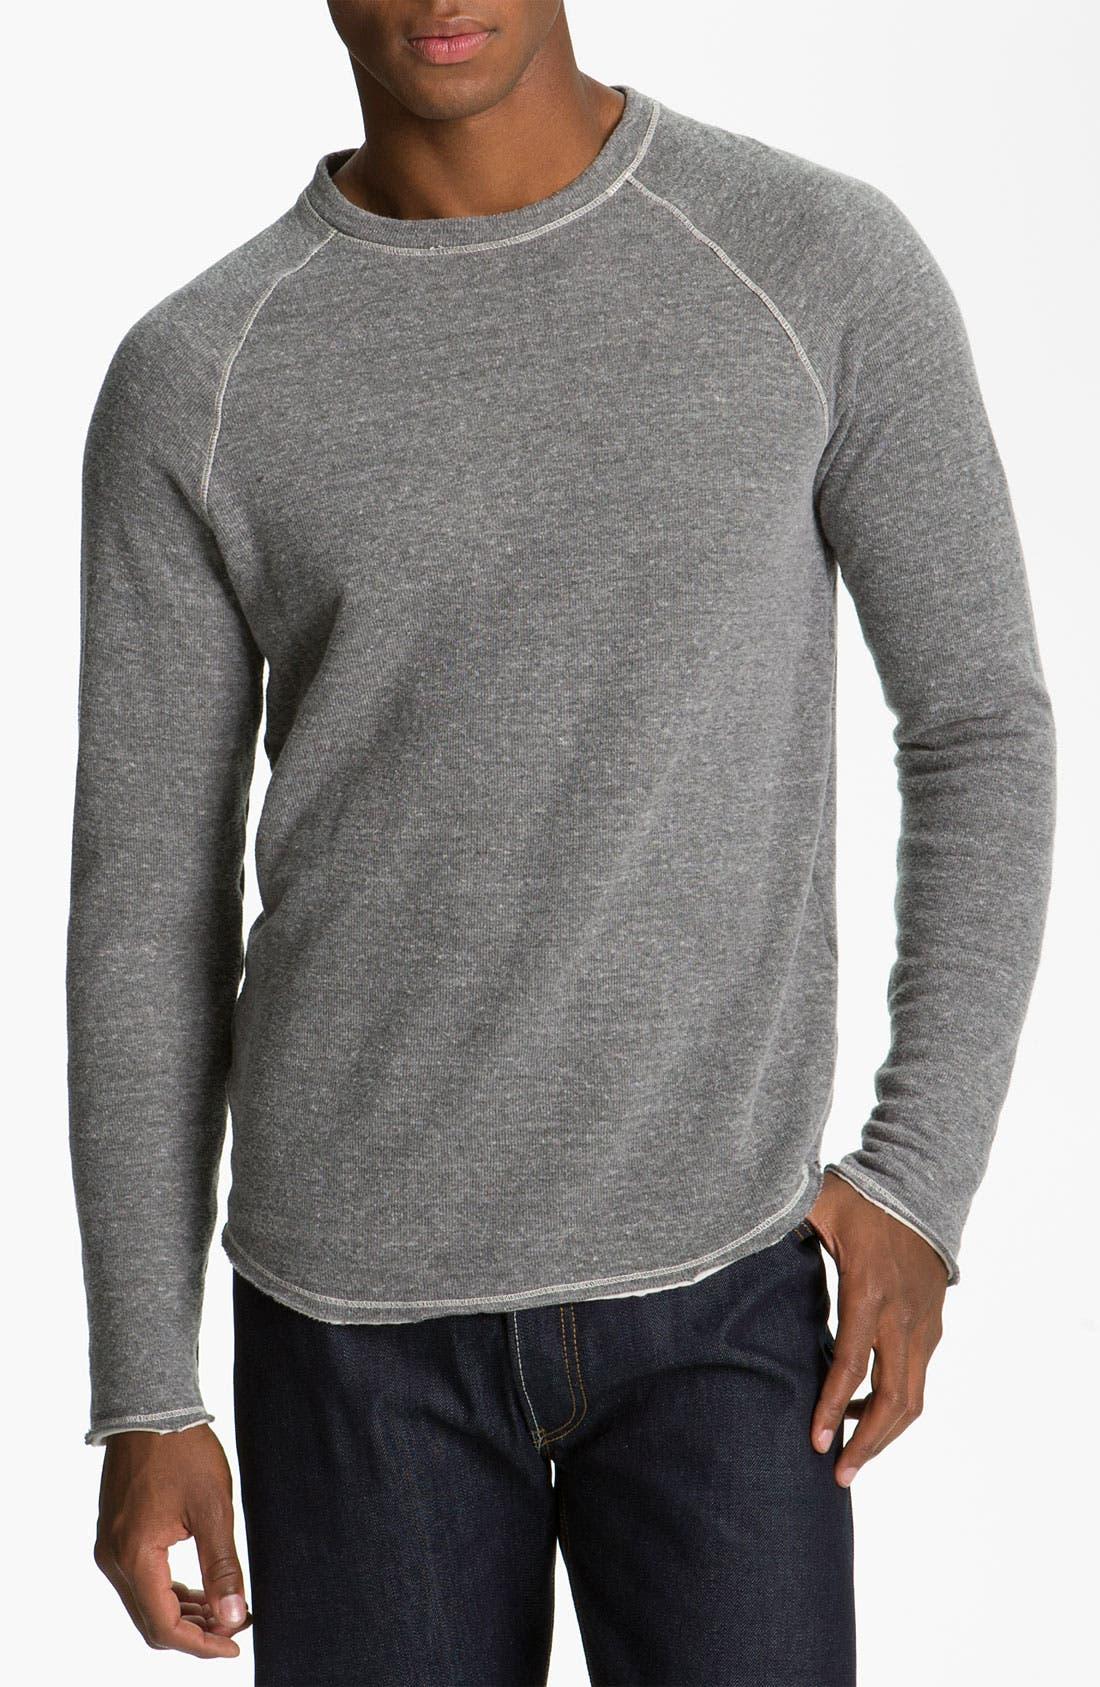 Main Image - Splendid Mills 'Everett' Crewneck Sweatshirt